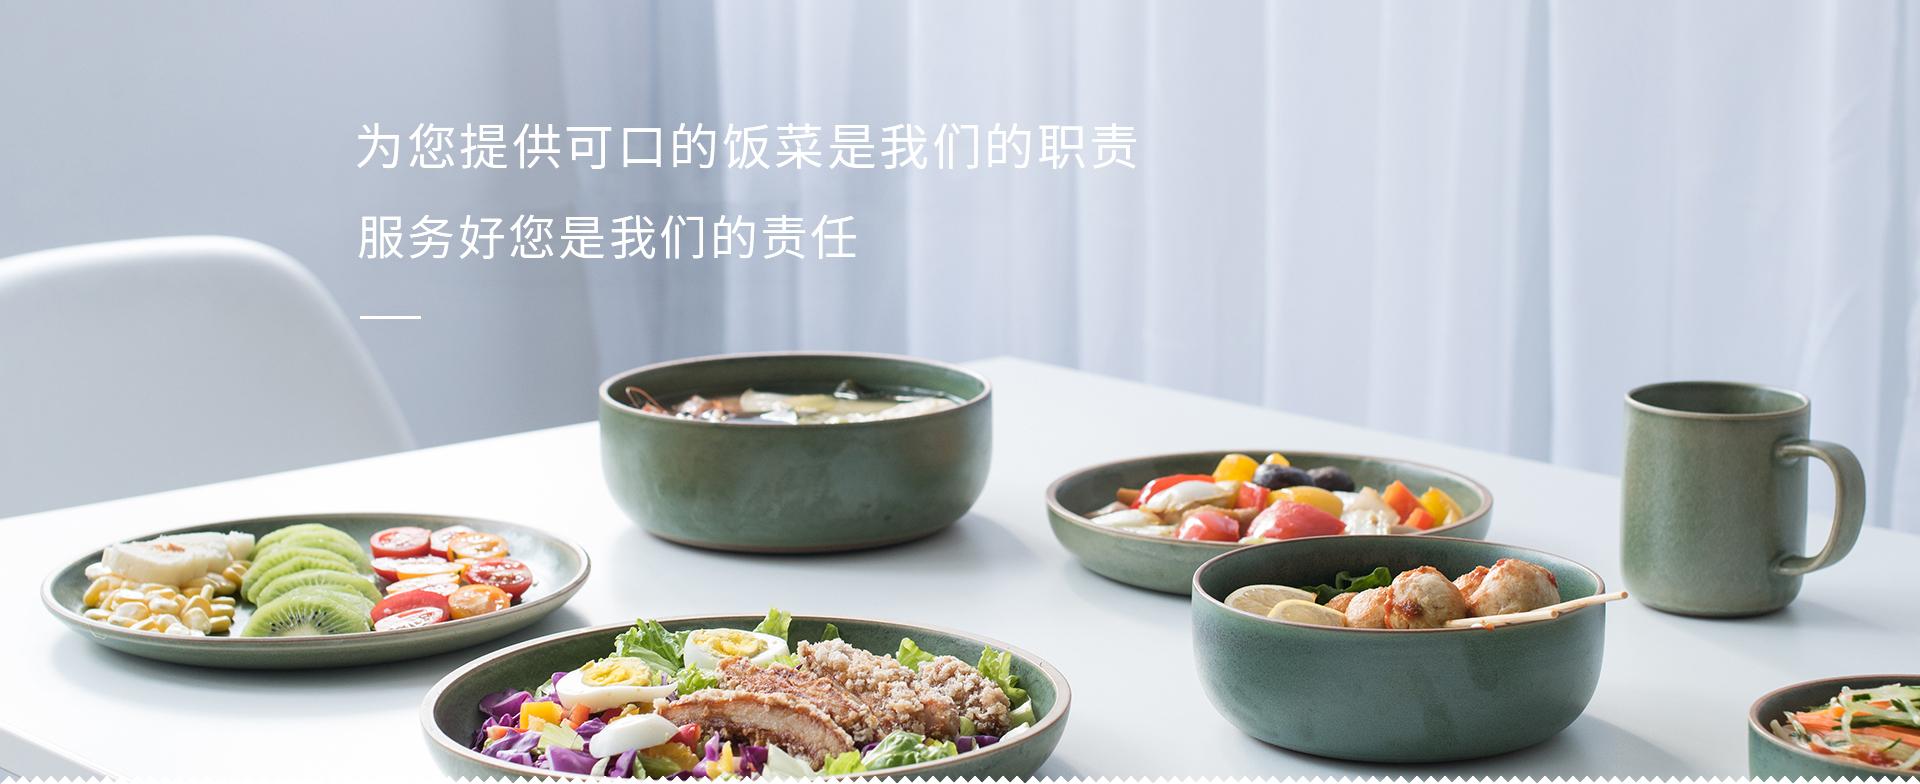 惠州饭堂承包